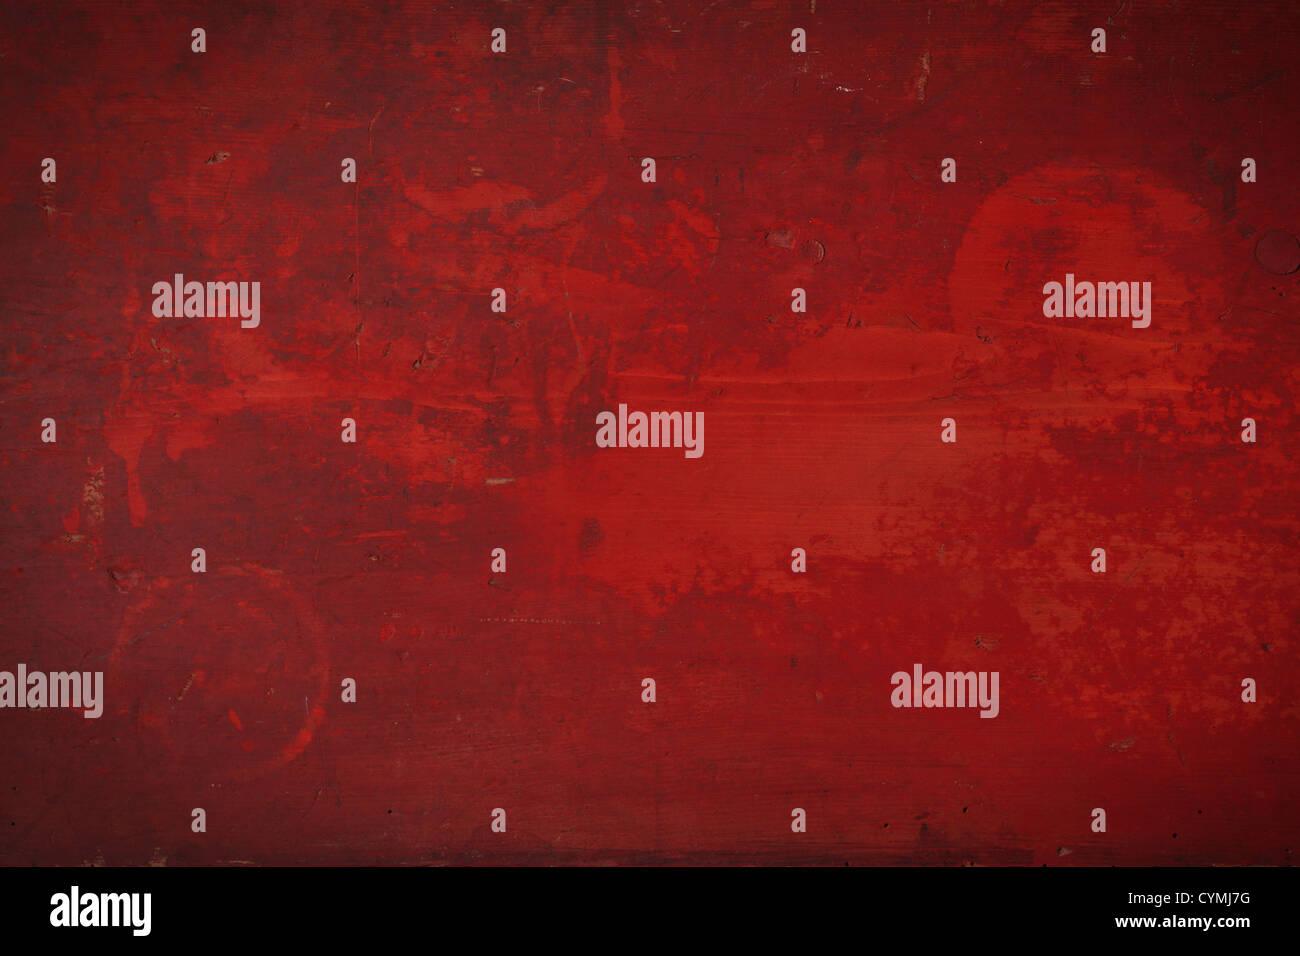 strukturiert und rote Grunge Hintergrund. Stockbild